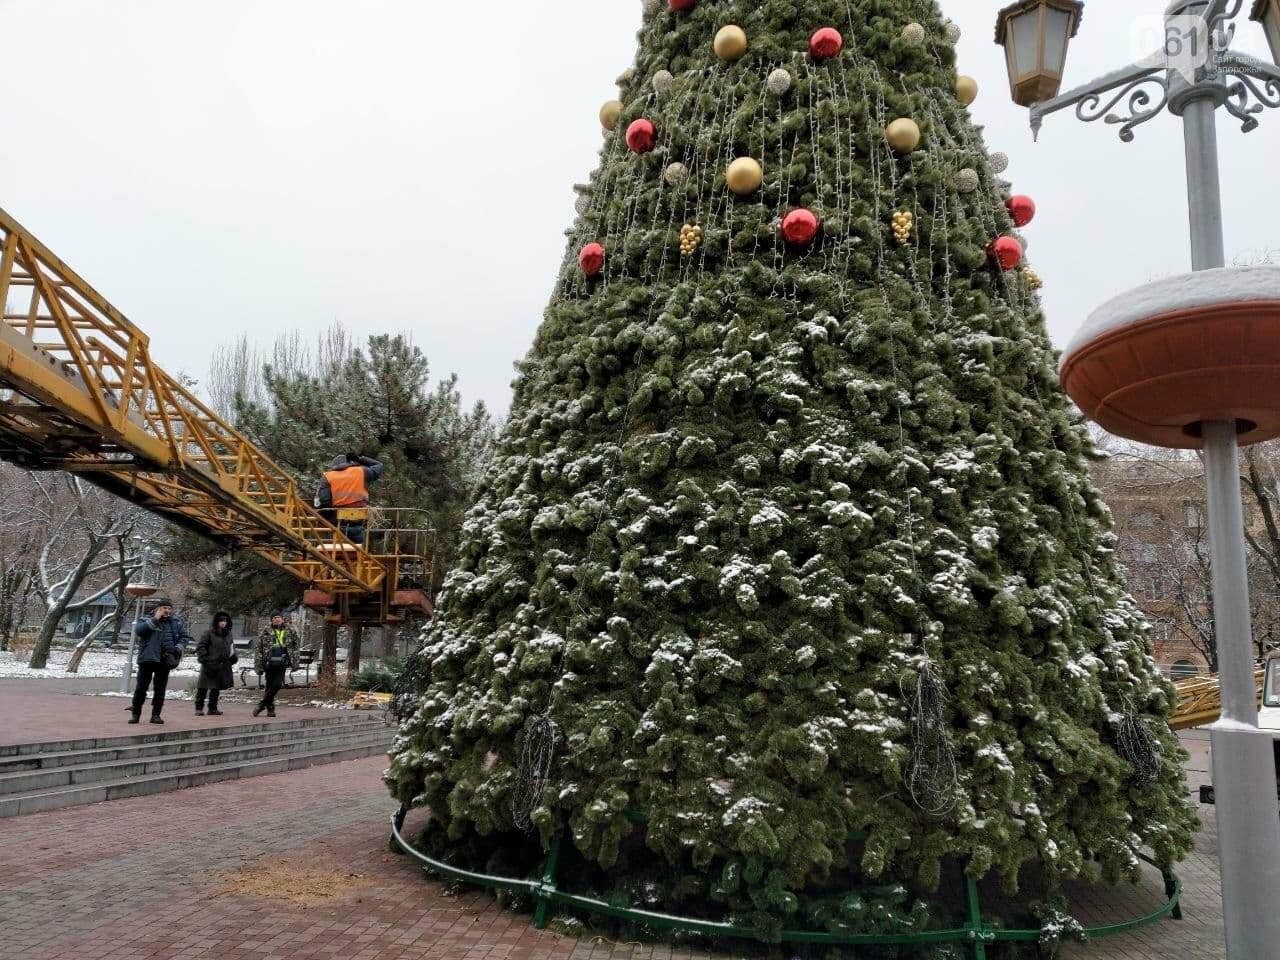 Новые игрушки для елки и обустройство новогоднего городка в центре Запорожья обойдется бюджету в 284 тысячи гривен, - ФОТОРЕПОРТАЖ , фото-10